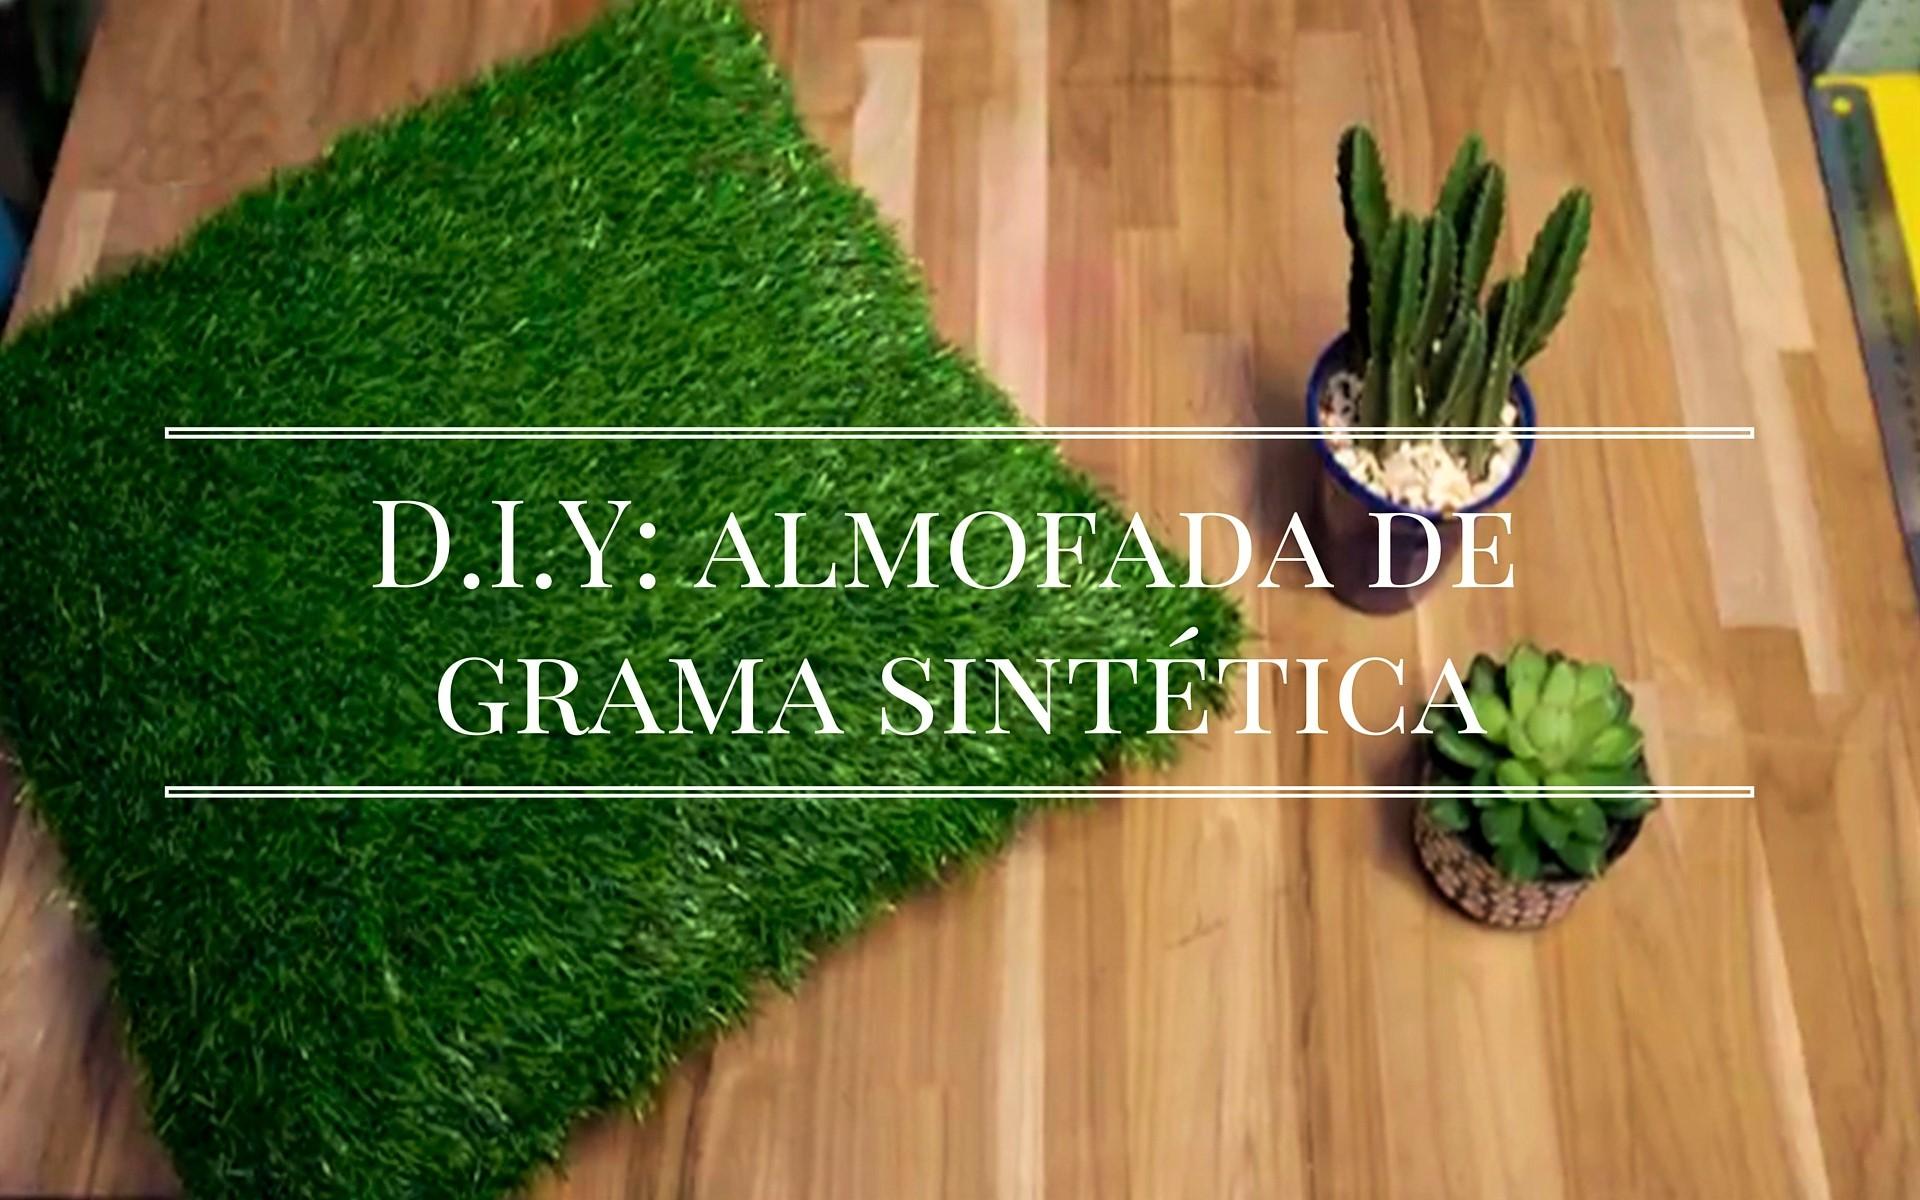 D.I.Y- Almofada de grama sintética